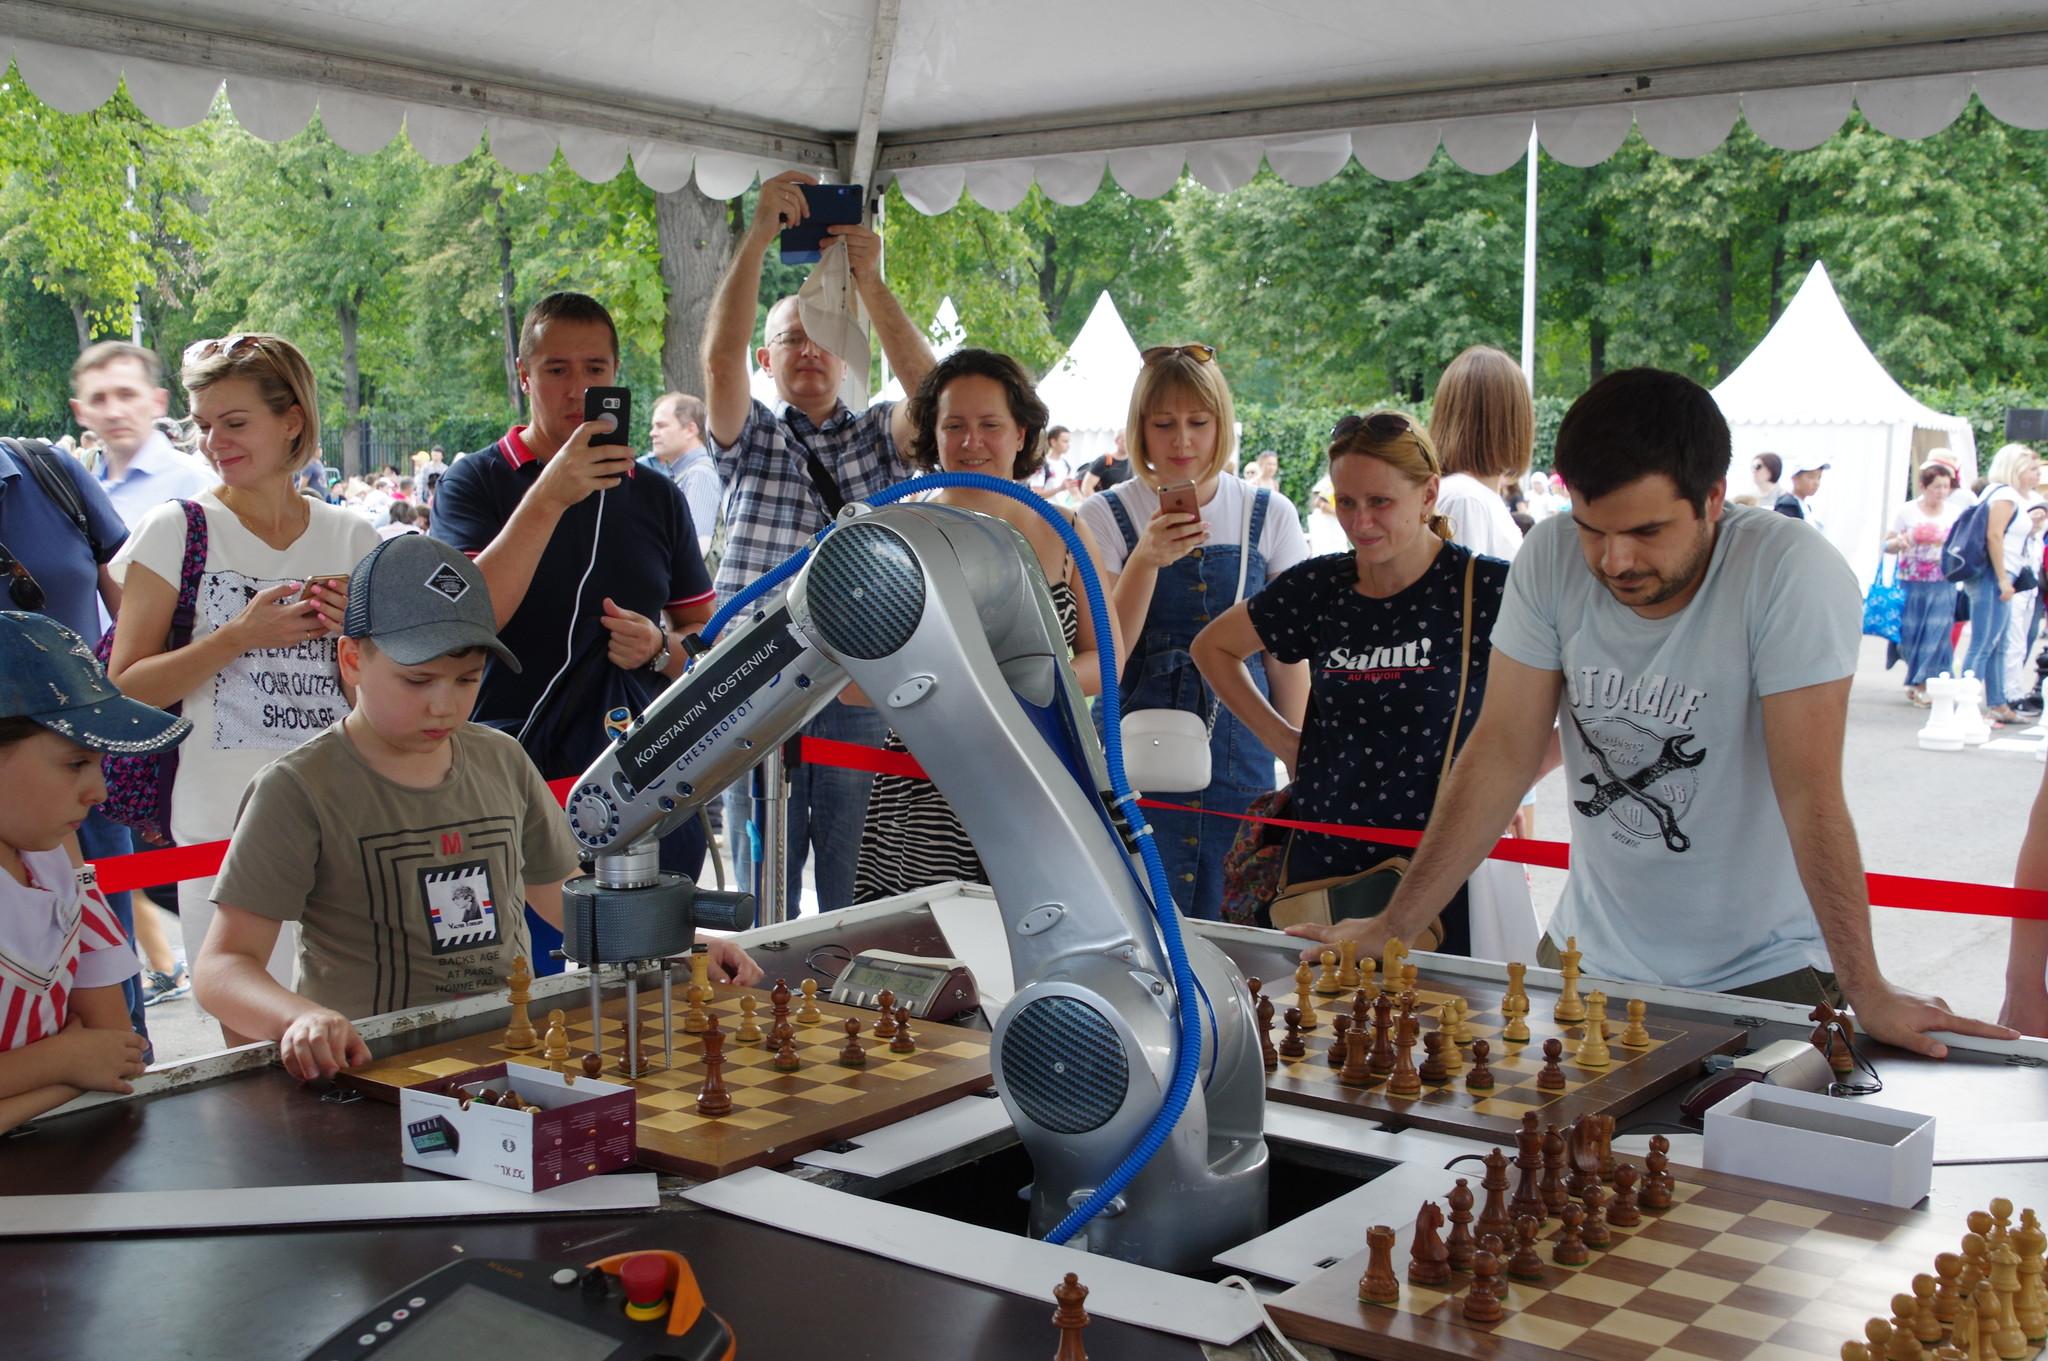 Фестиваль «Московский спорт». Шахматный турнир с роботом